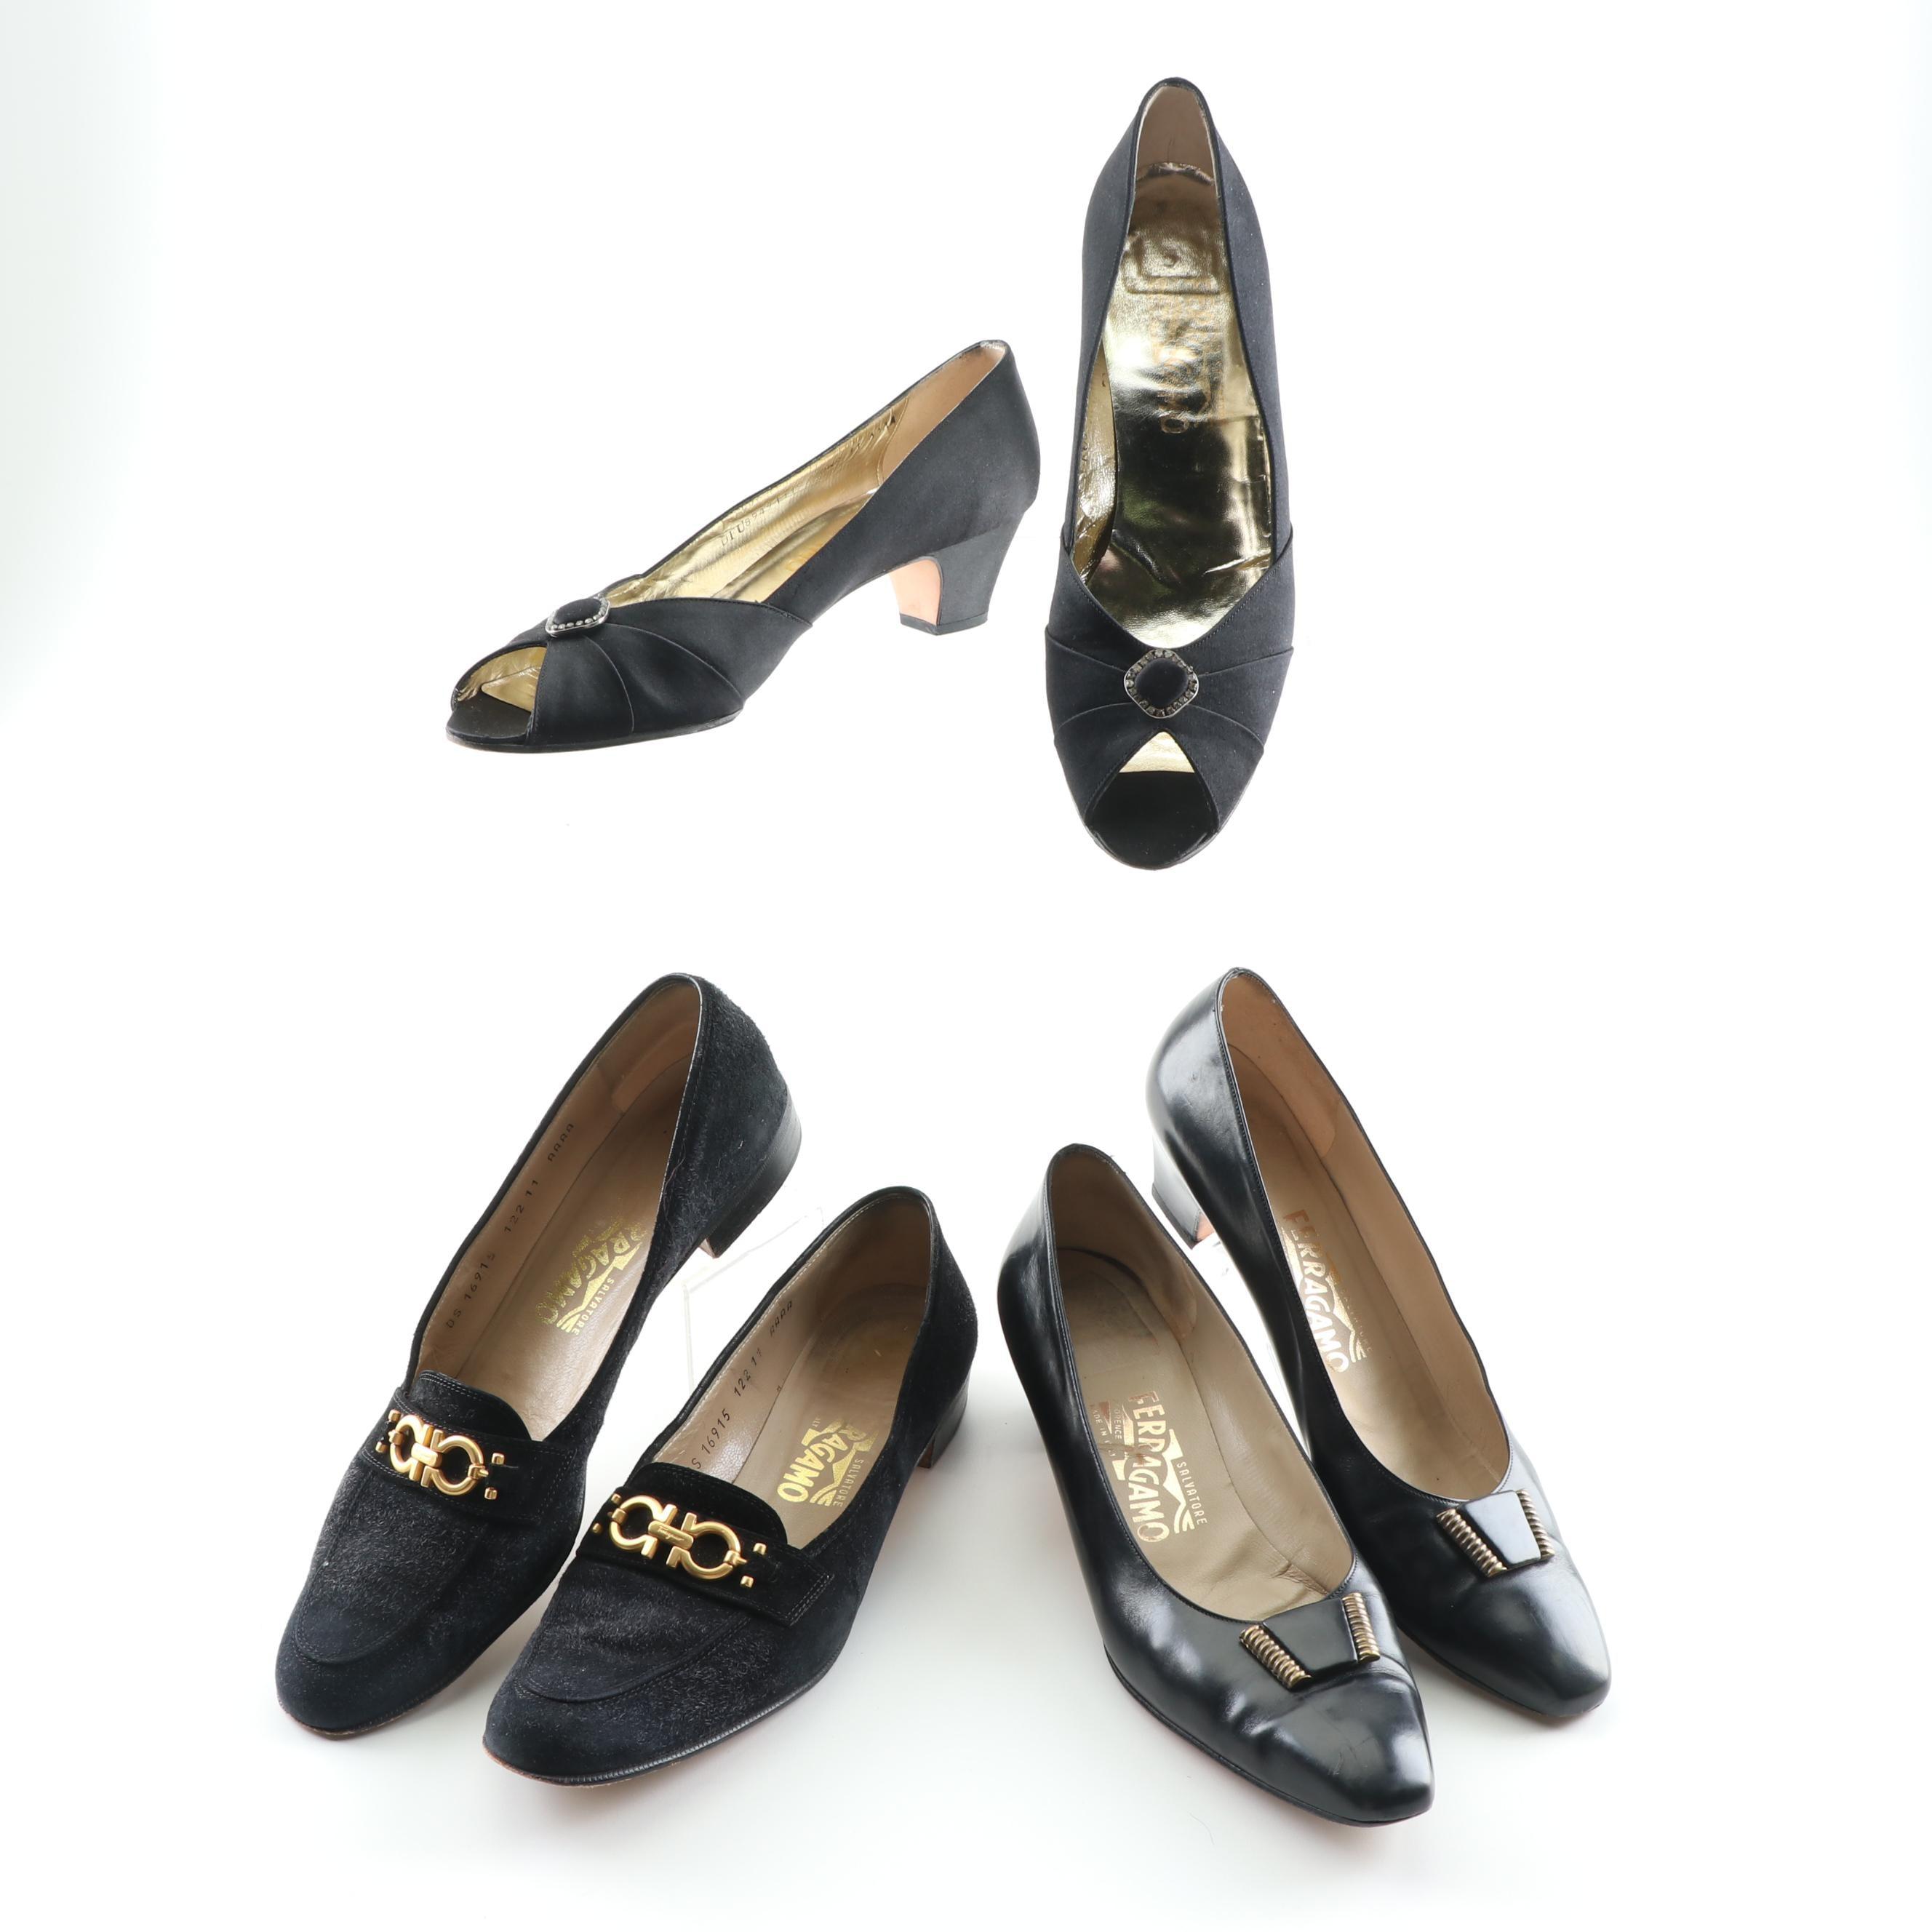 Women's Salvatore Ferragamo Loafers and Pumps